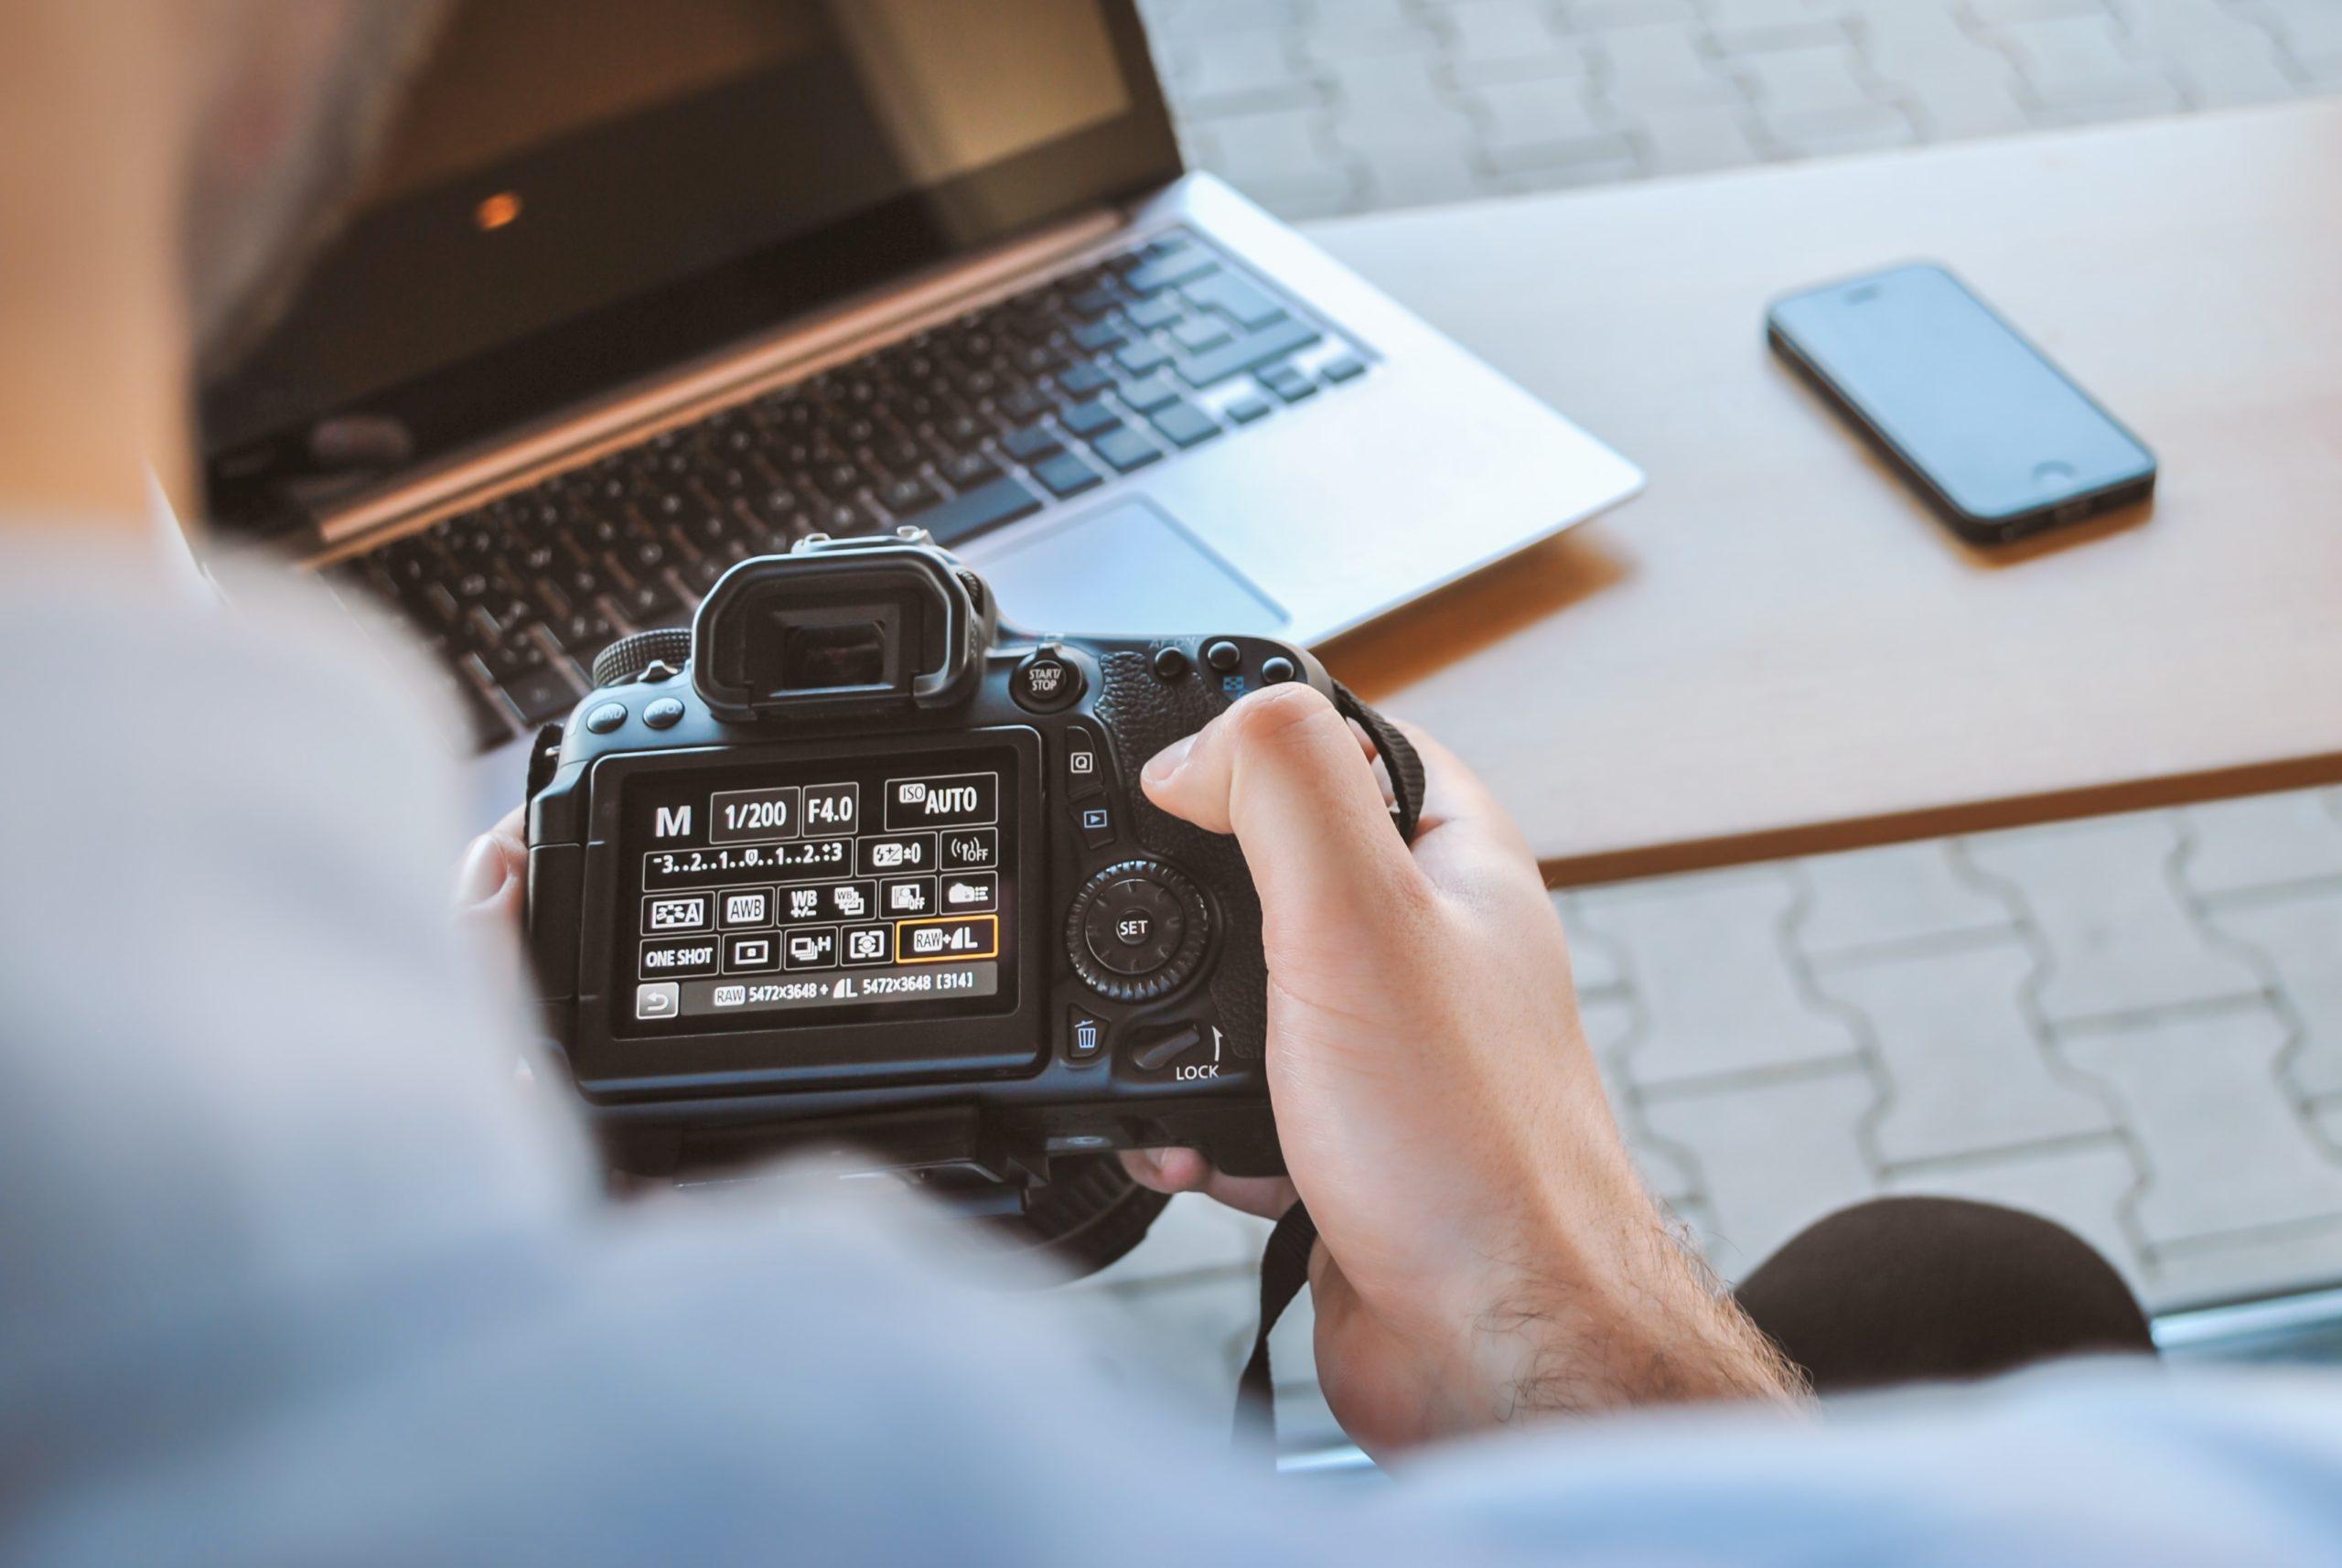 Optimizar imagenes para web: ¿Por qué es importante y cómo hacerlo?